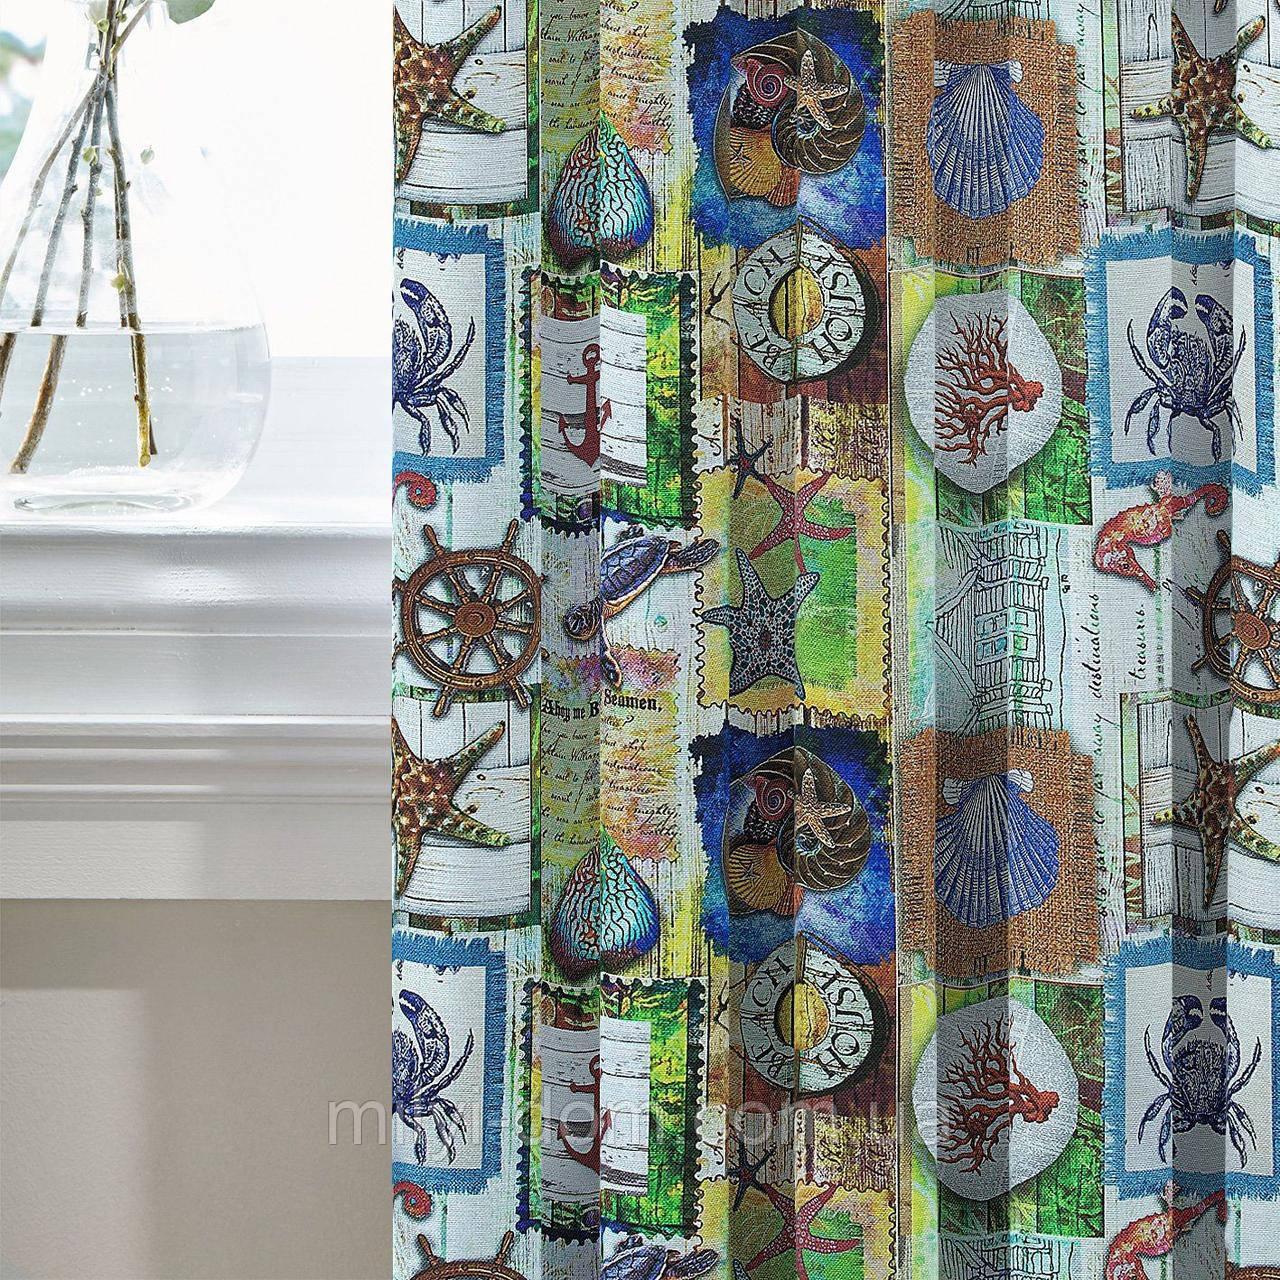 Шторы Декоративные в детскую комнату Испания Conchas , арт. MG-143253, 170*135 см